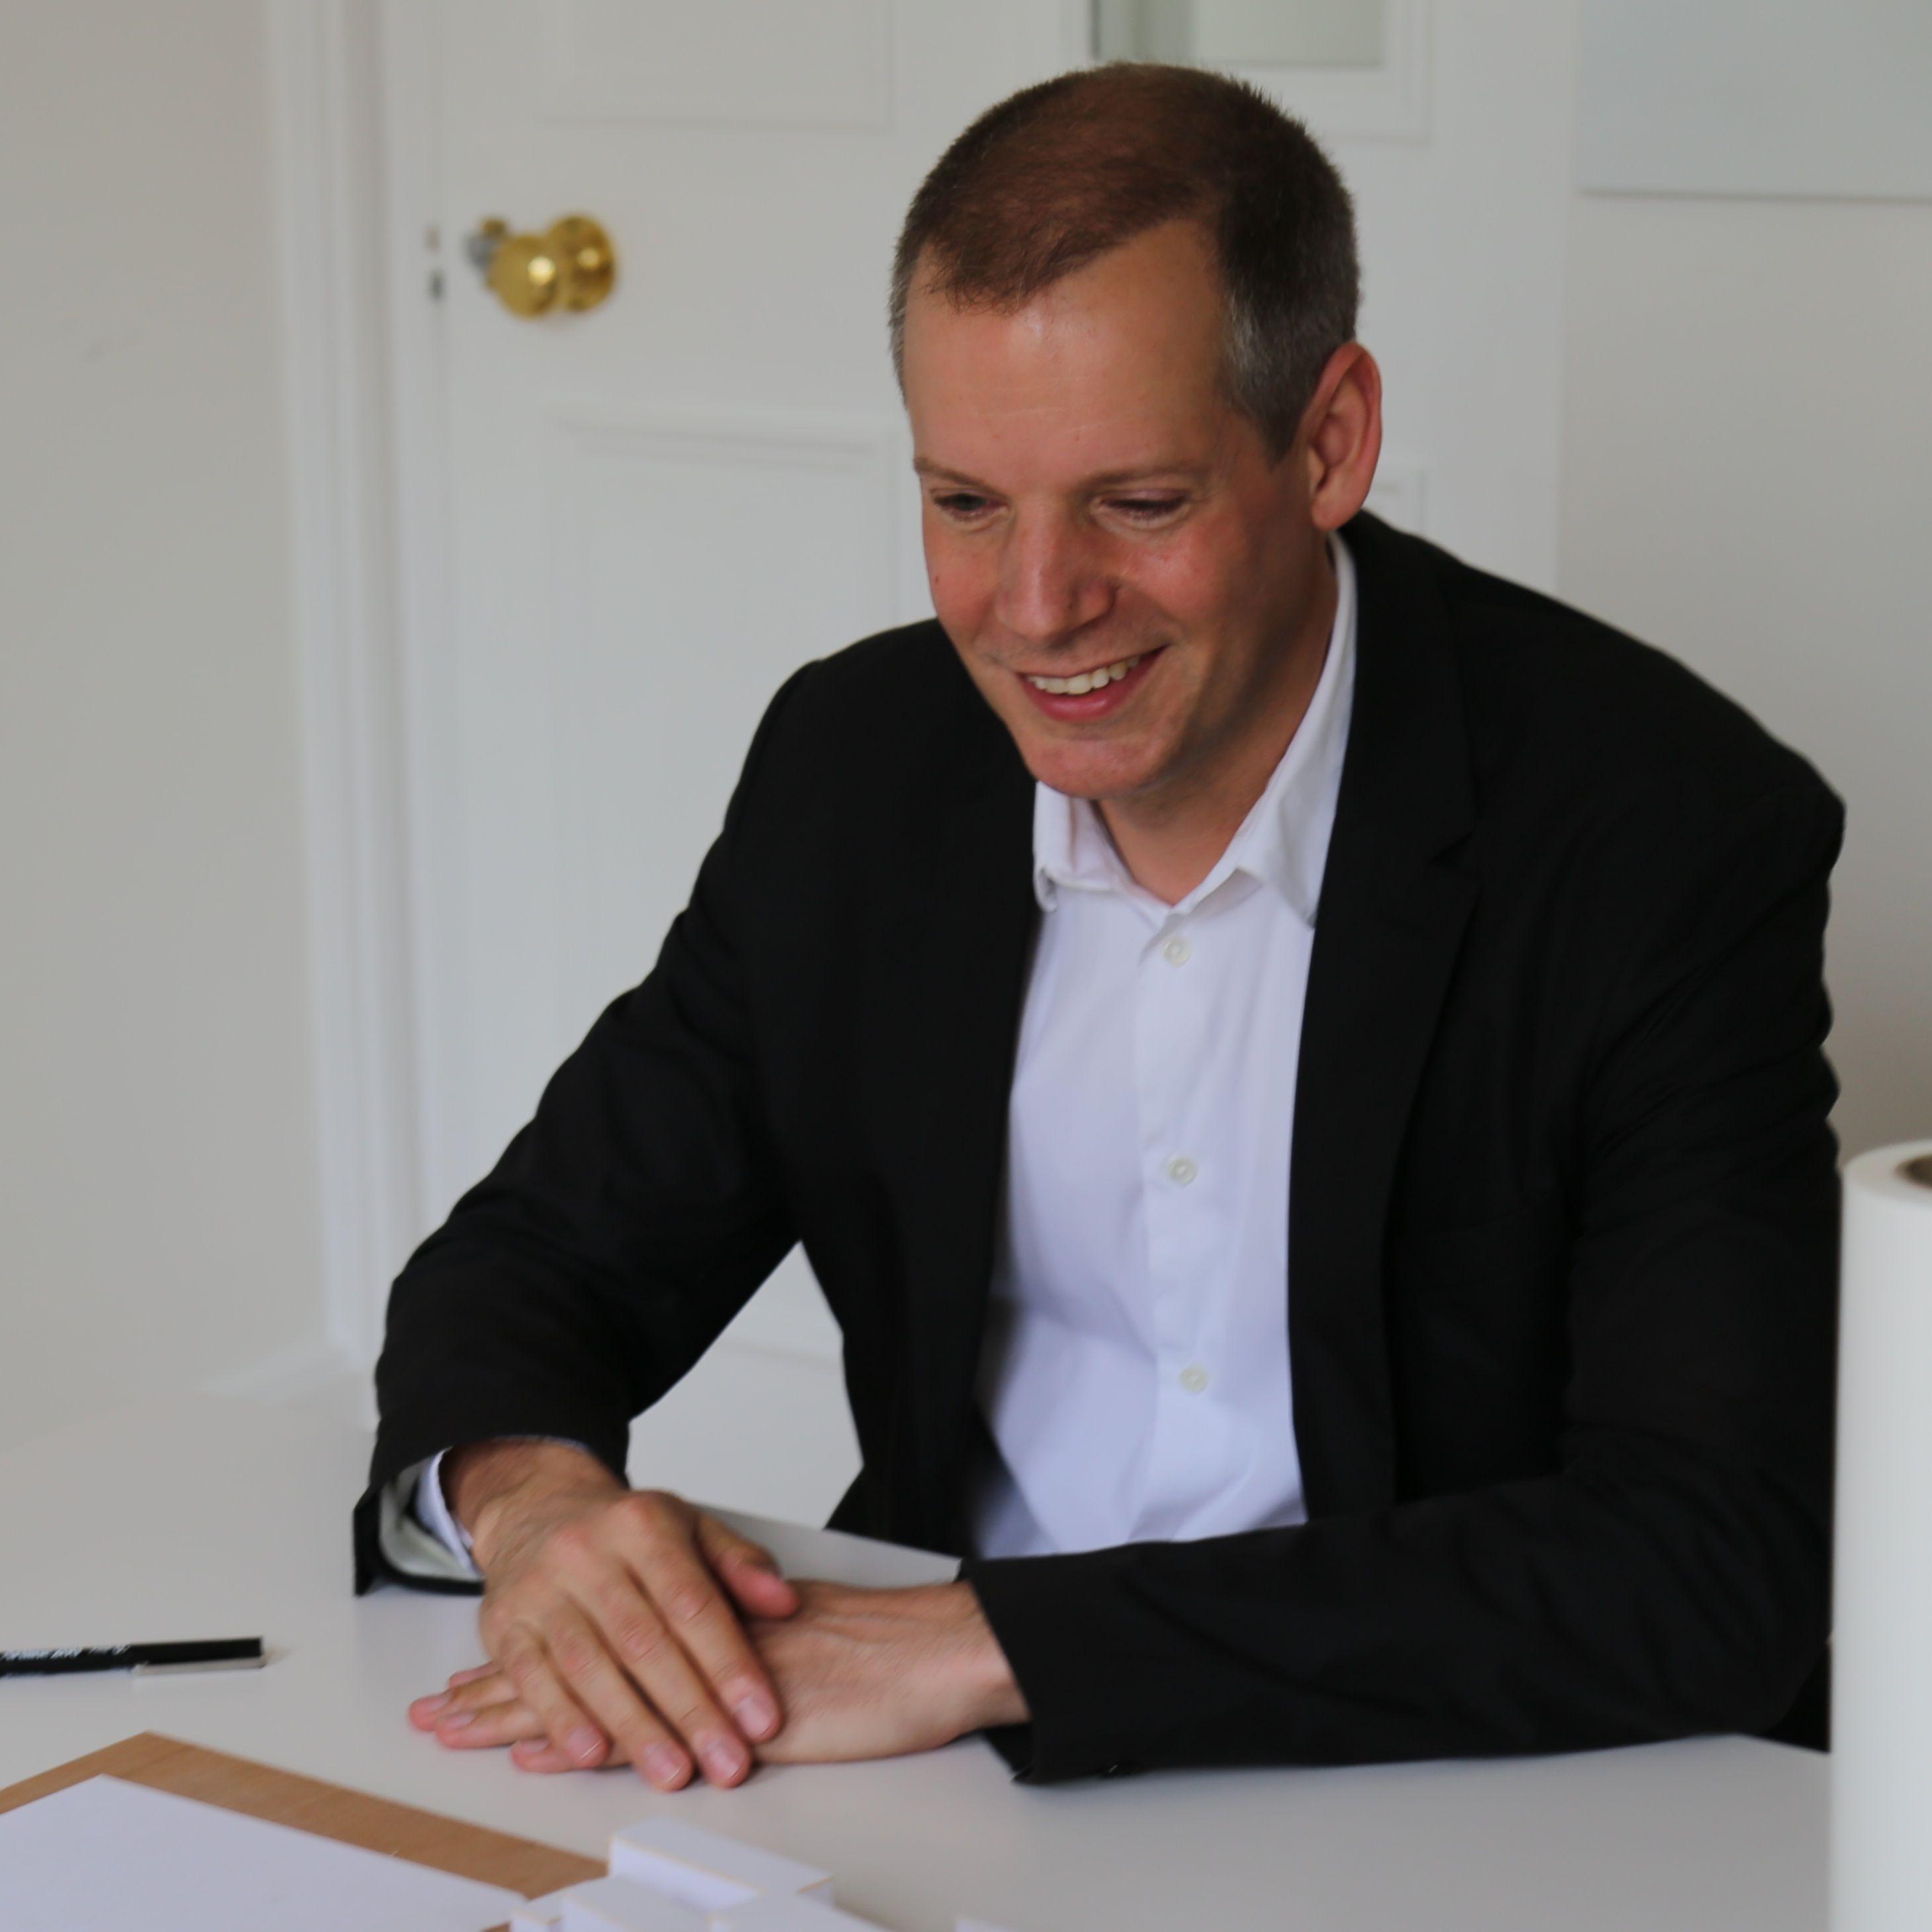 Ben Adams, Director